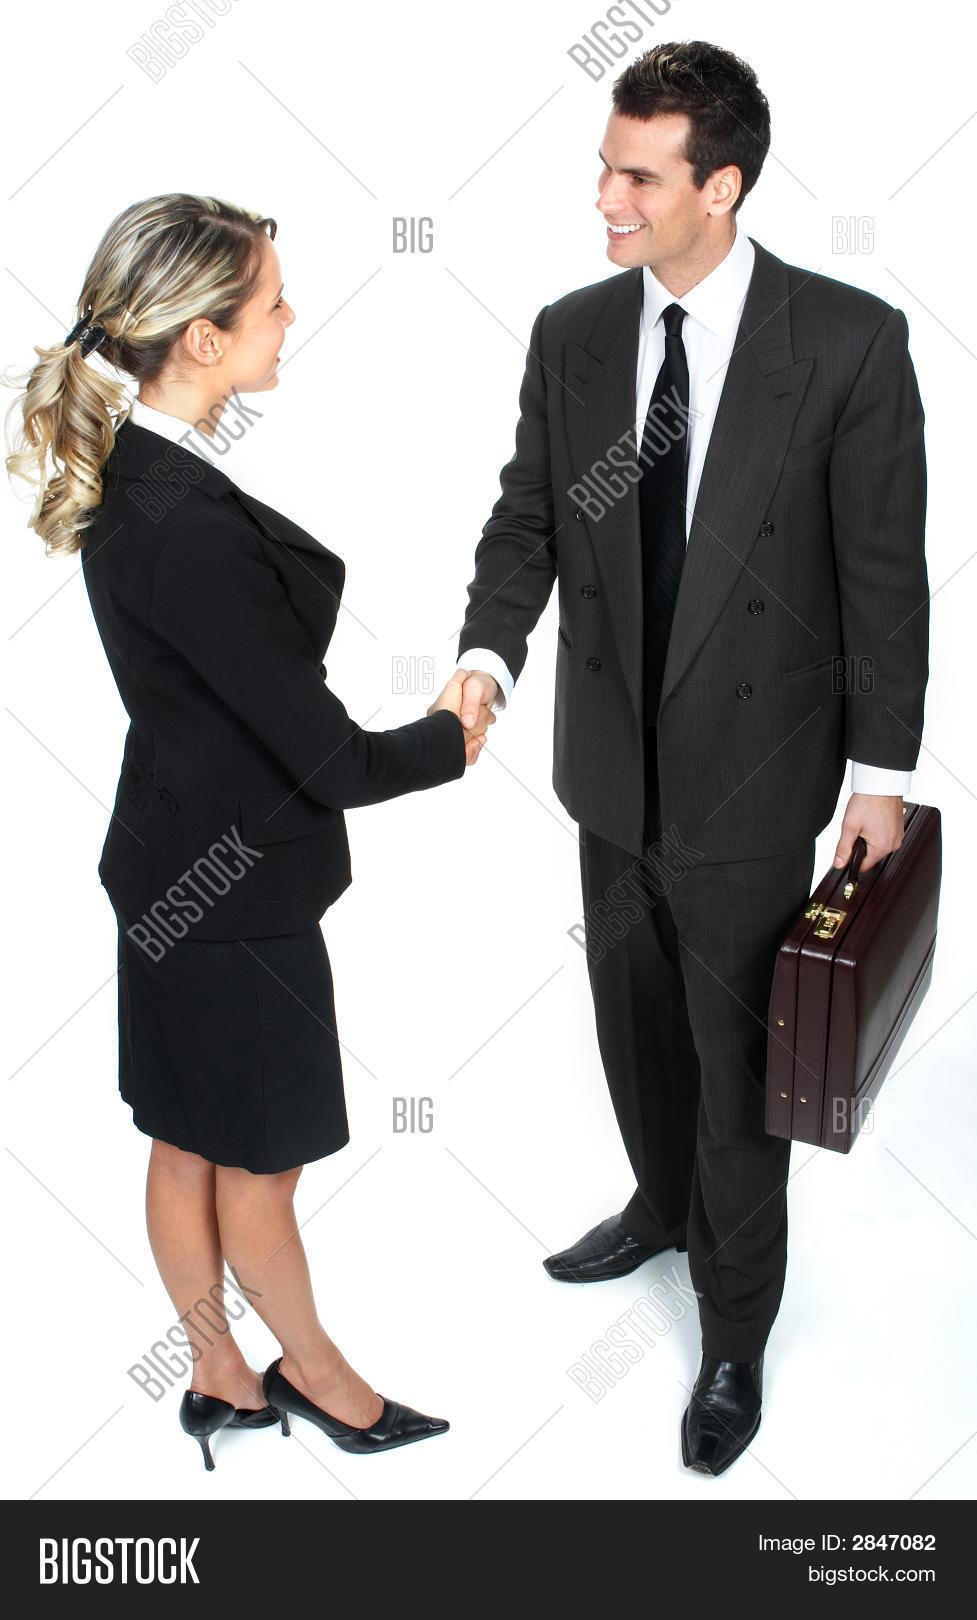 Здоровается знакомстве при первым мужчина